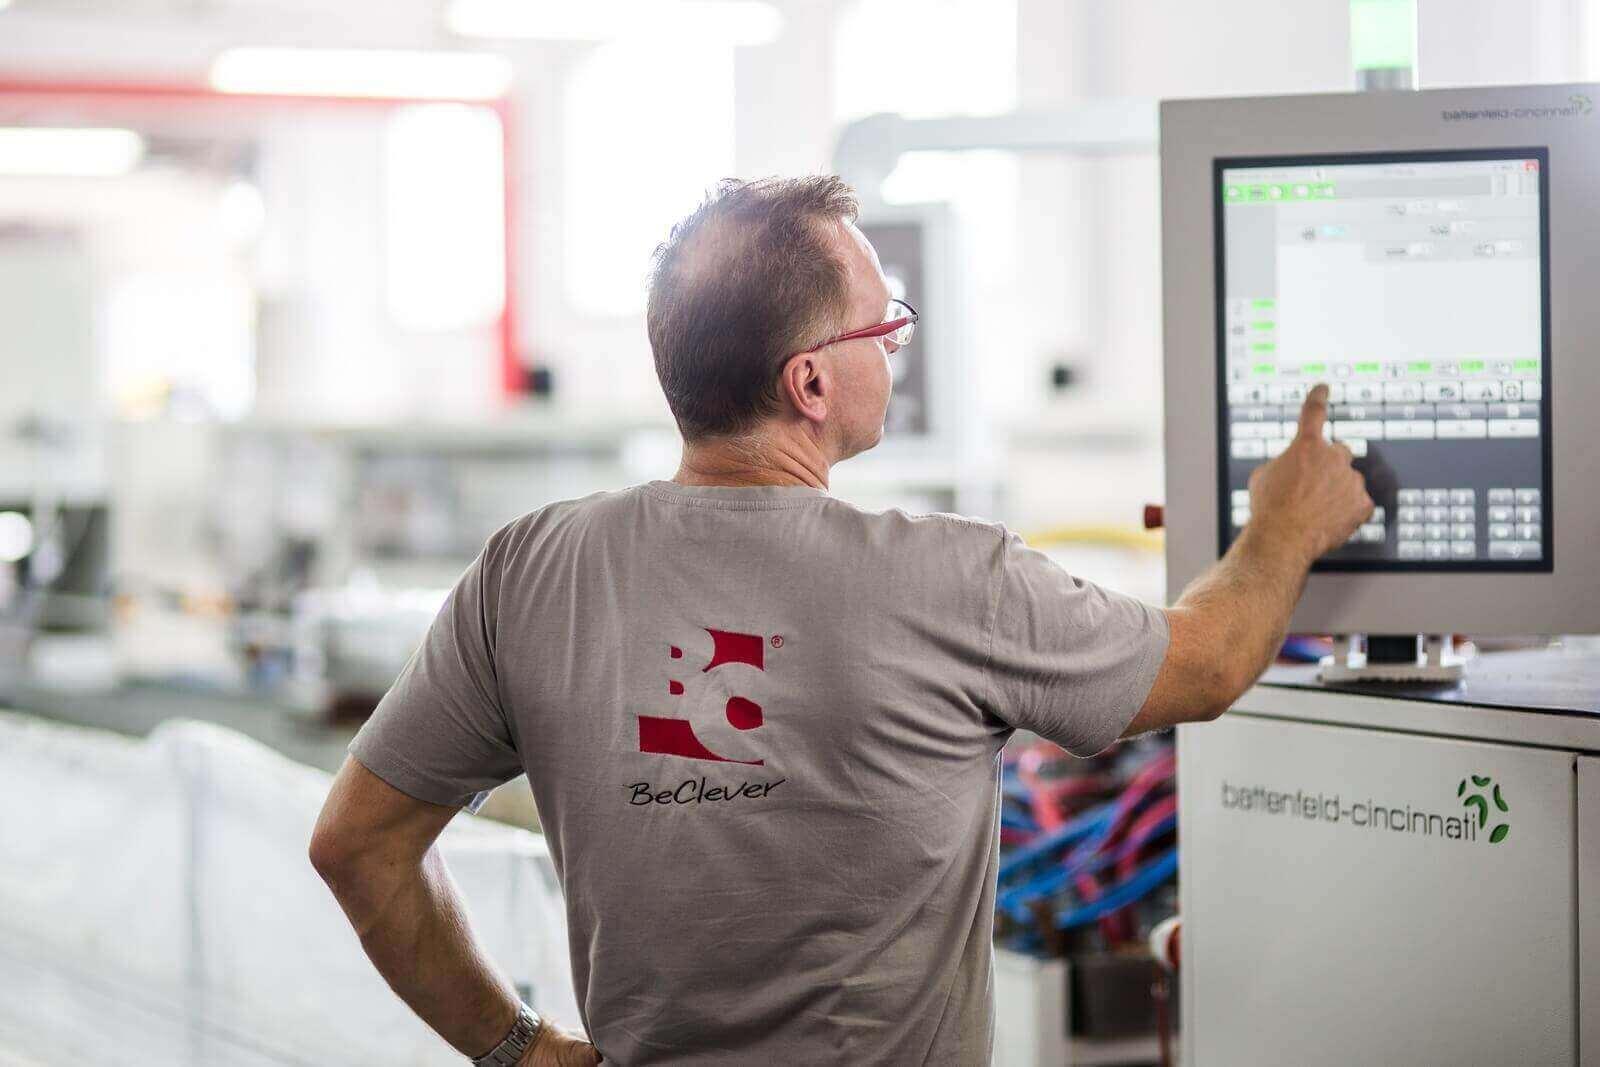 Pracownik obsługujący panel sterujący maszyny do produkcji skrzynek rolet zewnętrznych